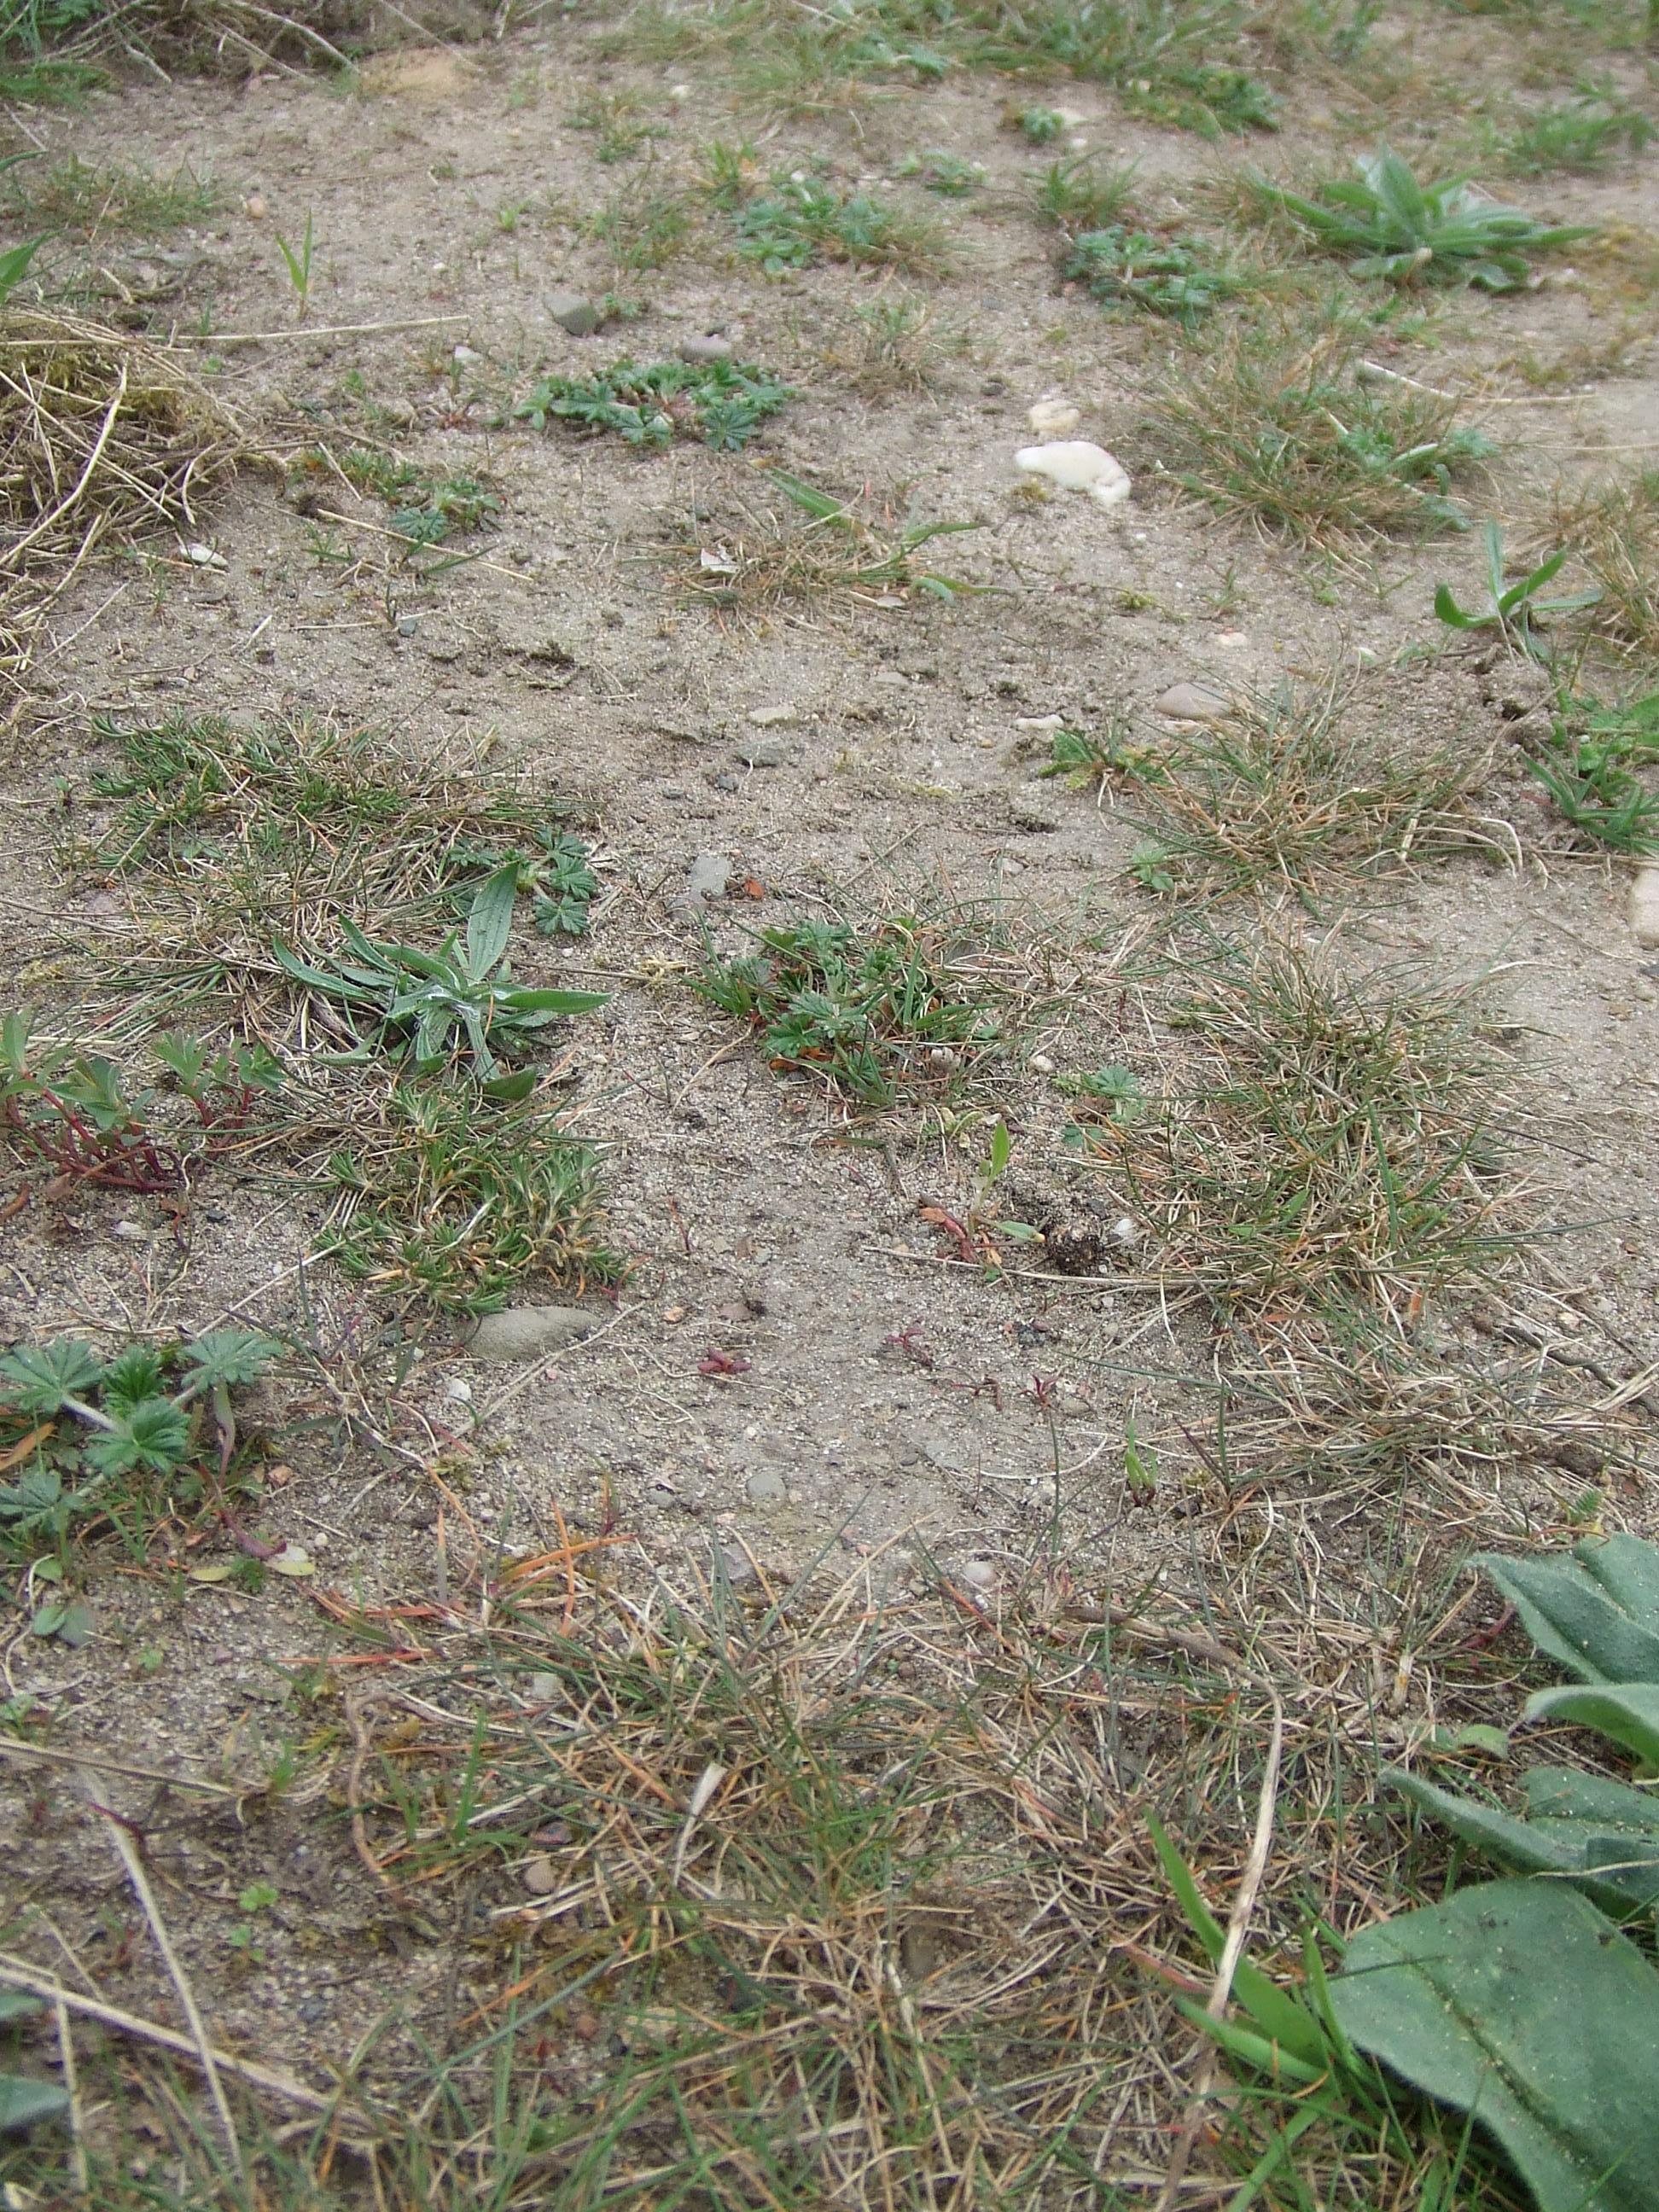 Knapp einjährige Wildschweinspur mit Silberfingerkraut, Roter Schuppenmiere, Natternkopf und Sandbienennestern